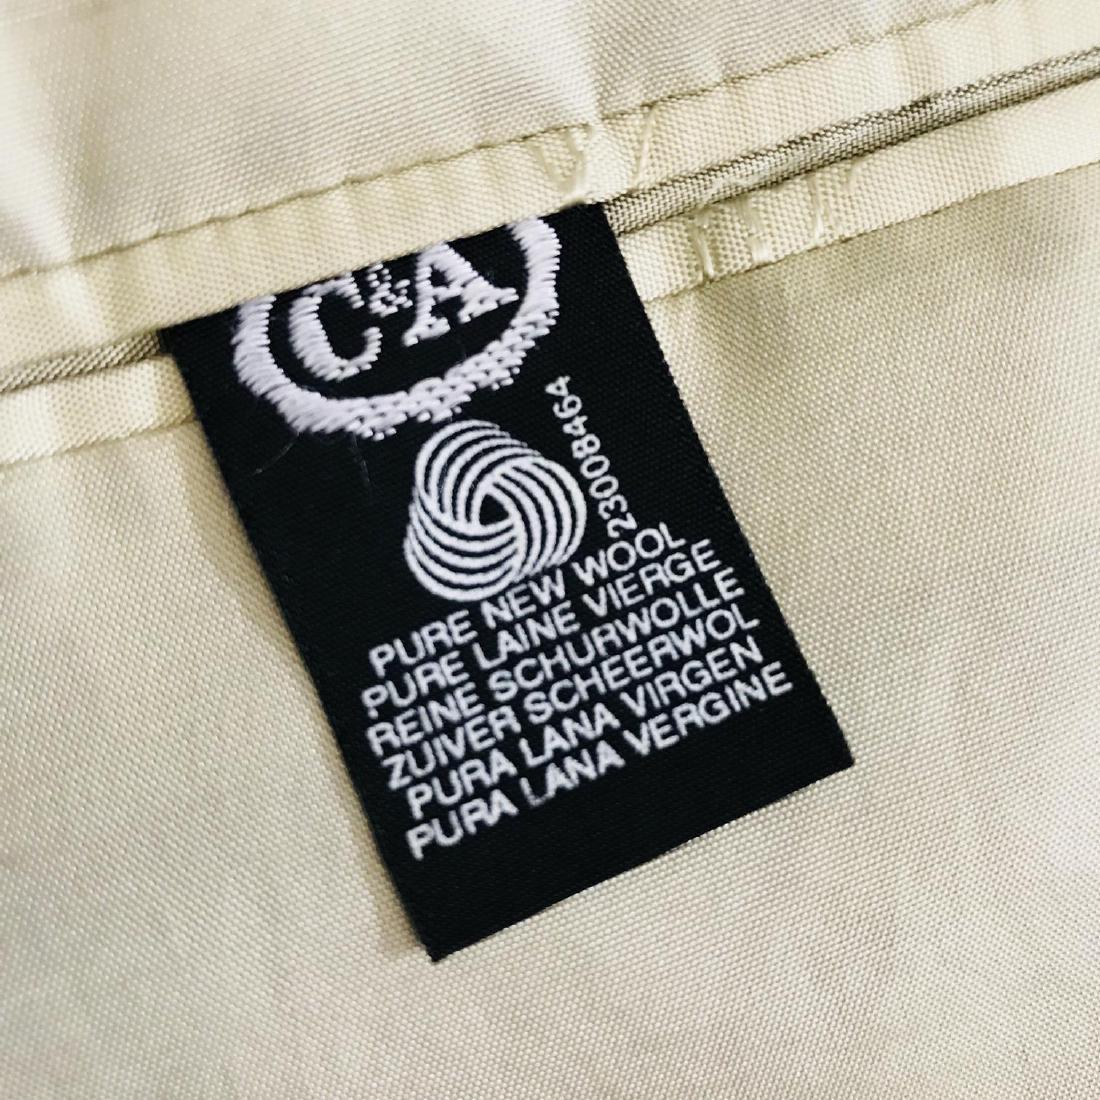 Vintage Men's Jacket Blazer Size US 42 EUR 52 - 9